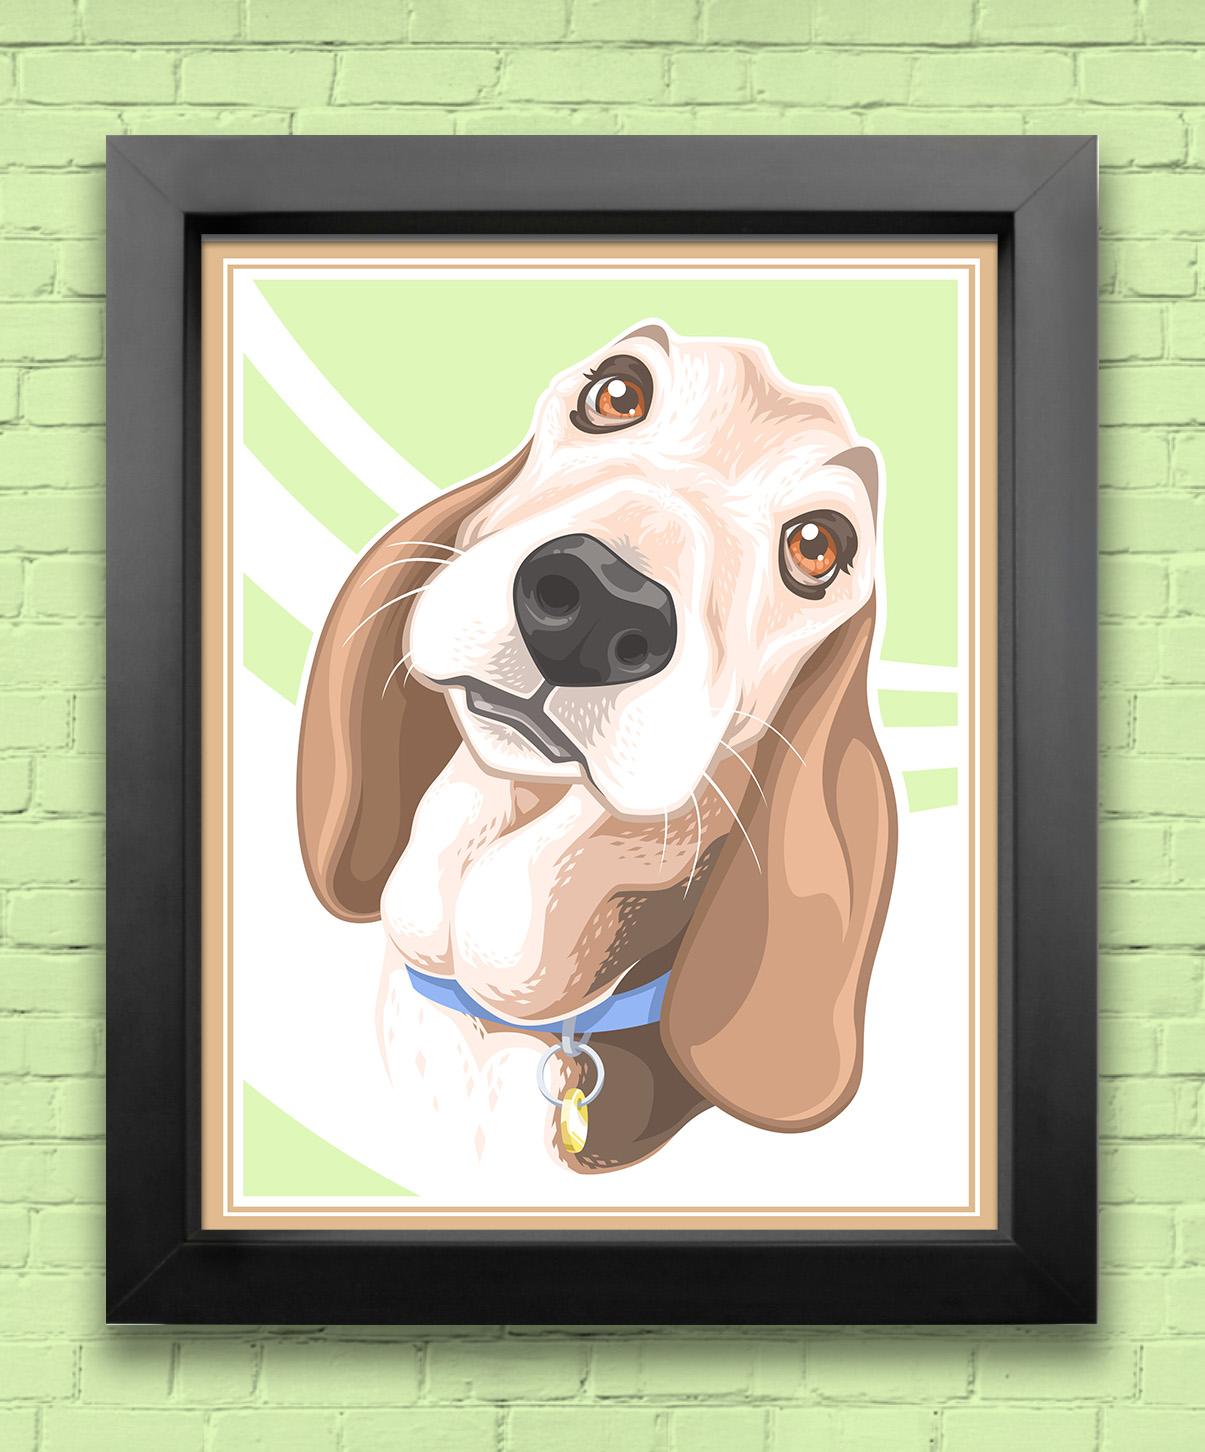 stylized pet portrait - Bella (framed)